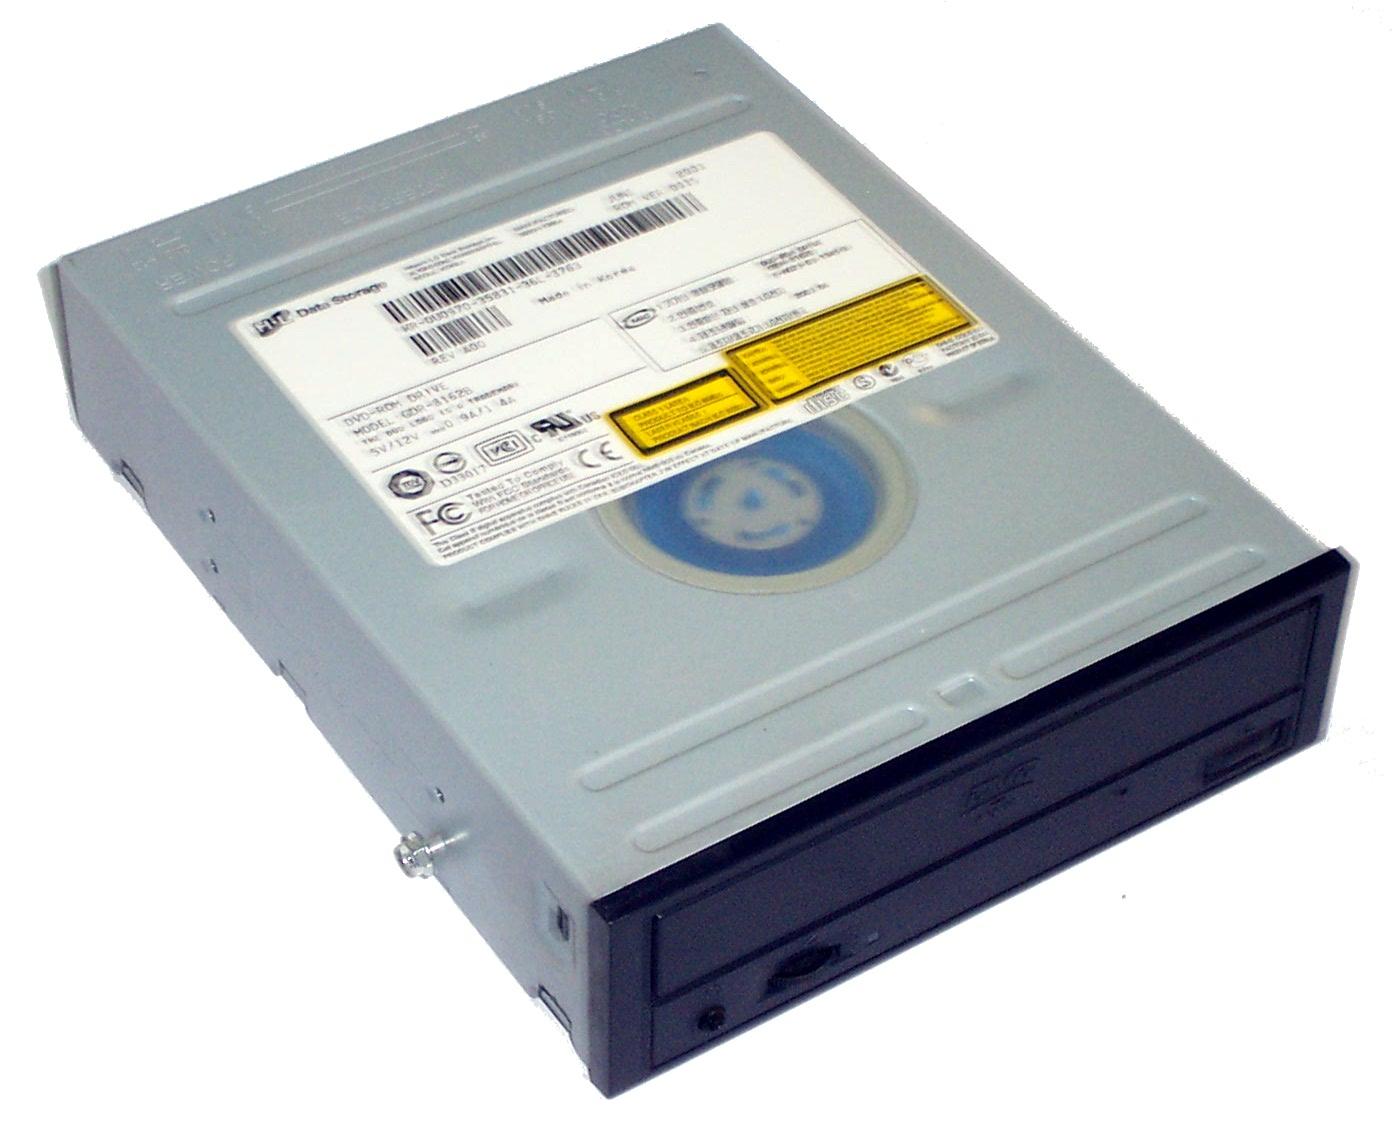 Hl-dt-st dvd-rom gdr8162b ata device driver for windows 10.